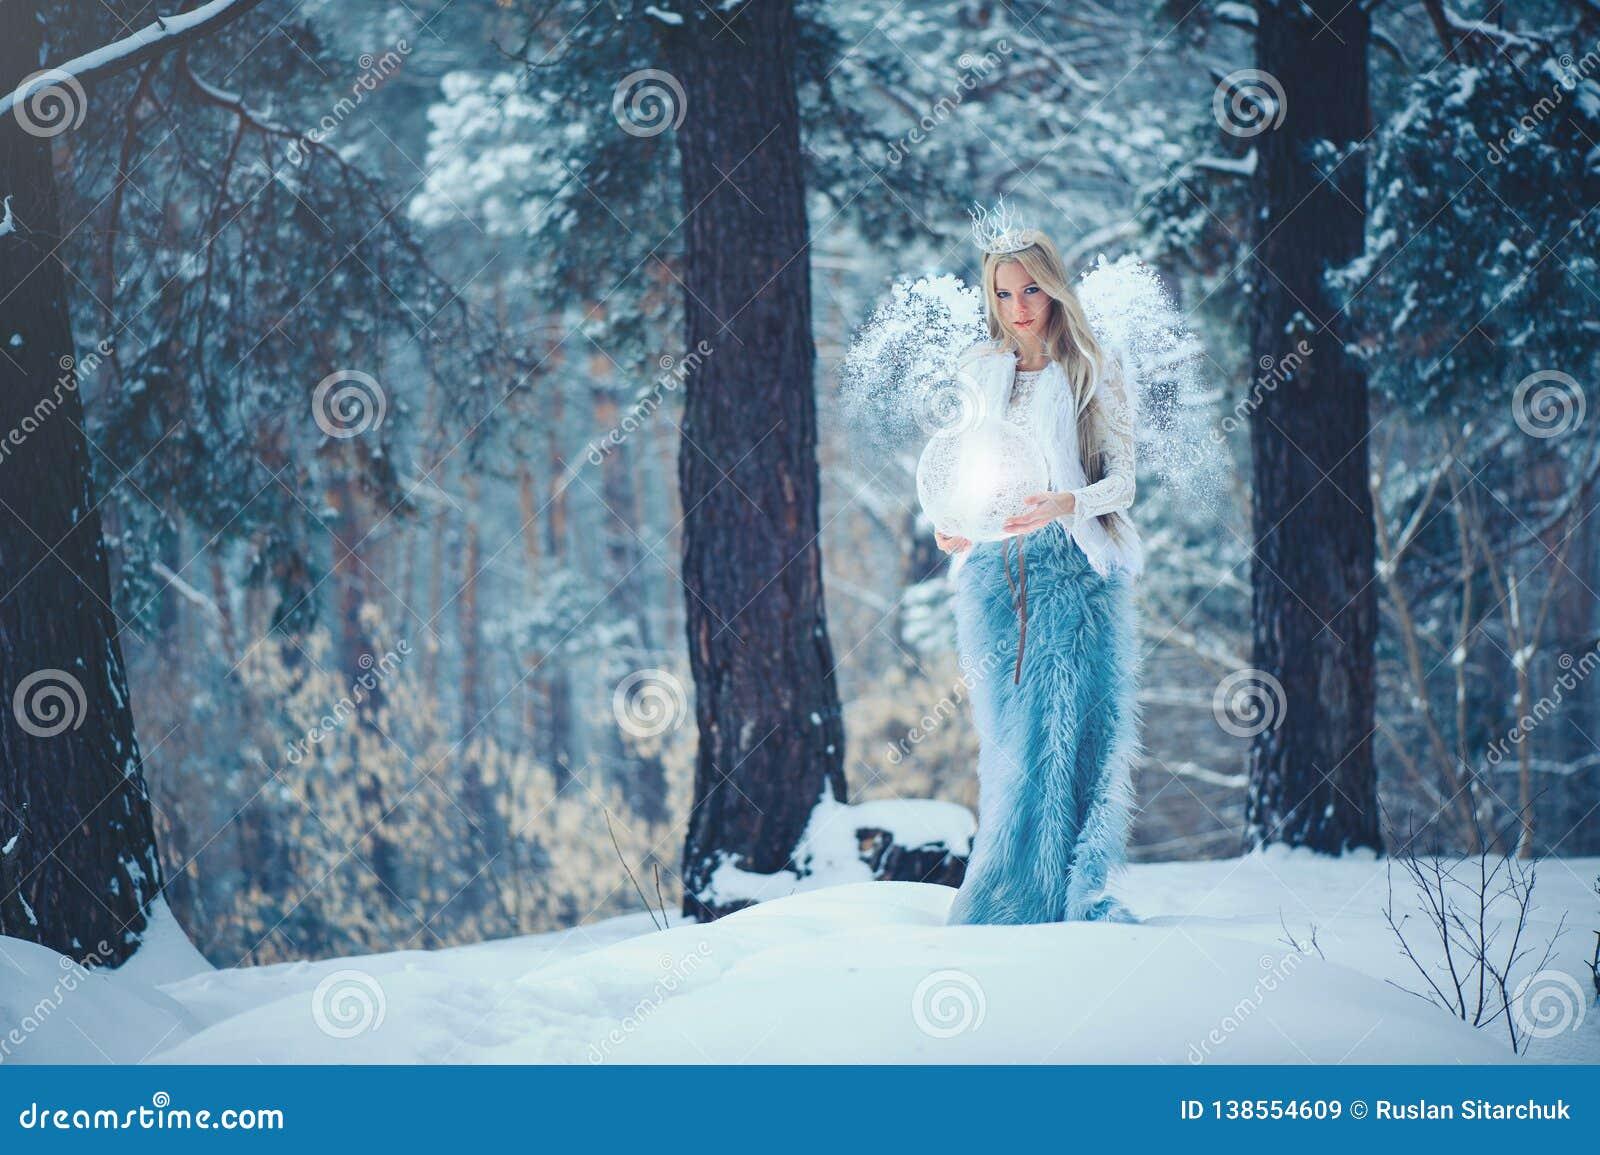 Winter-Schönheits-Frau Schönes Mode-Modell-Mädchen mit Schneefrisur und -make-up im Winterwaldfestlichen Make-up und -maniküre